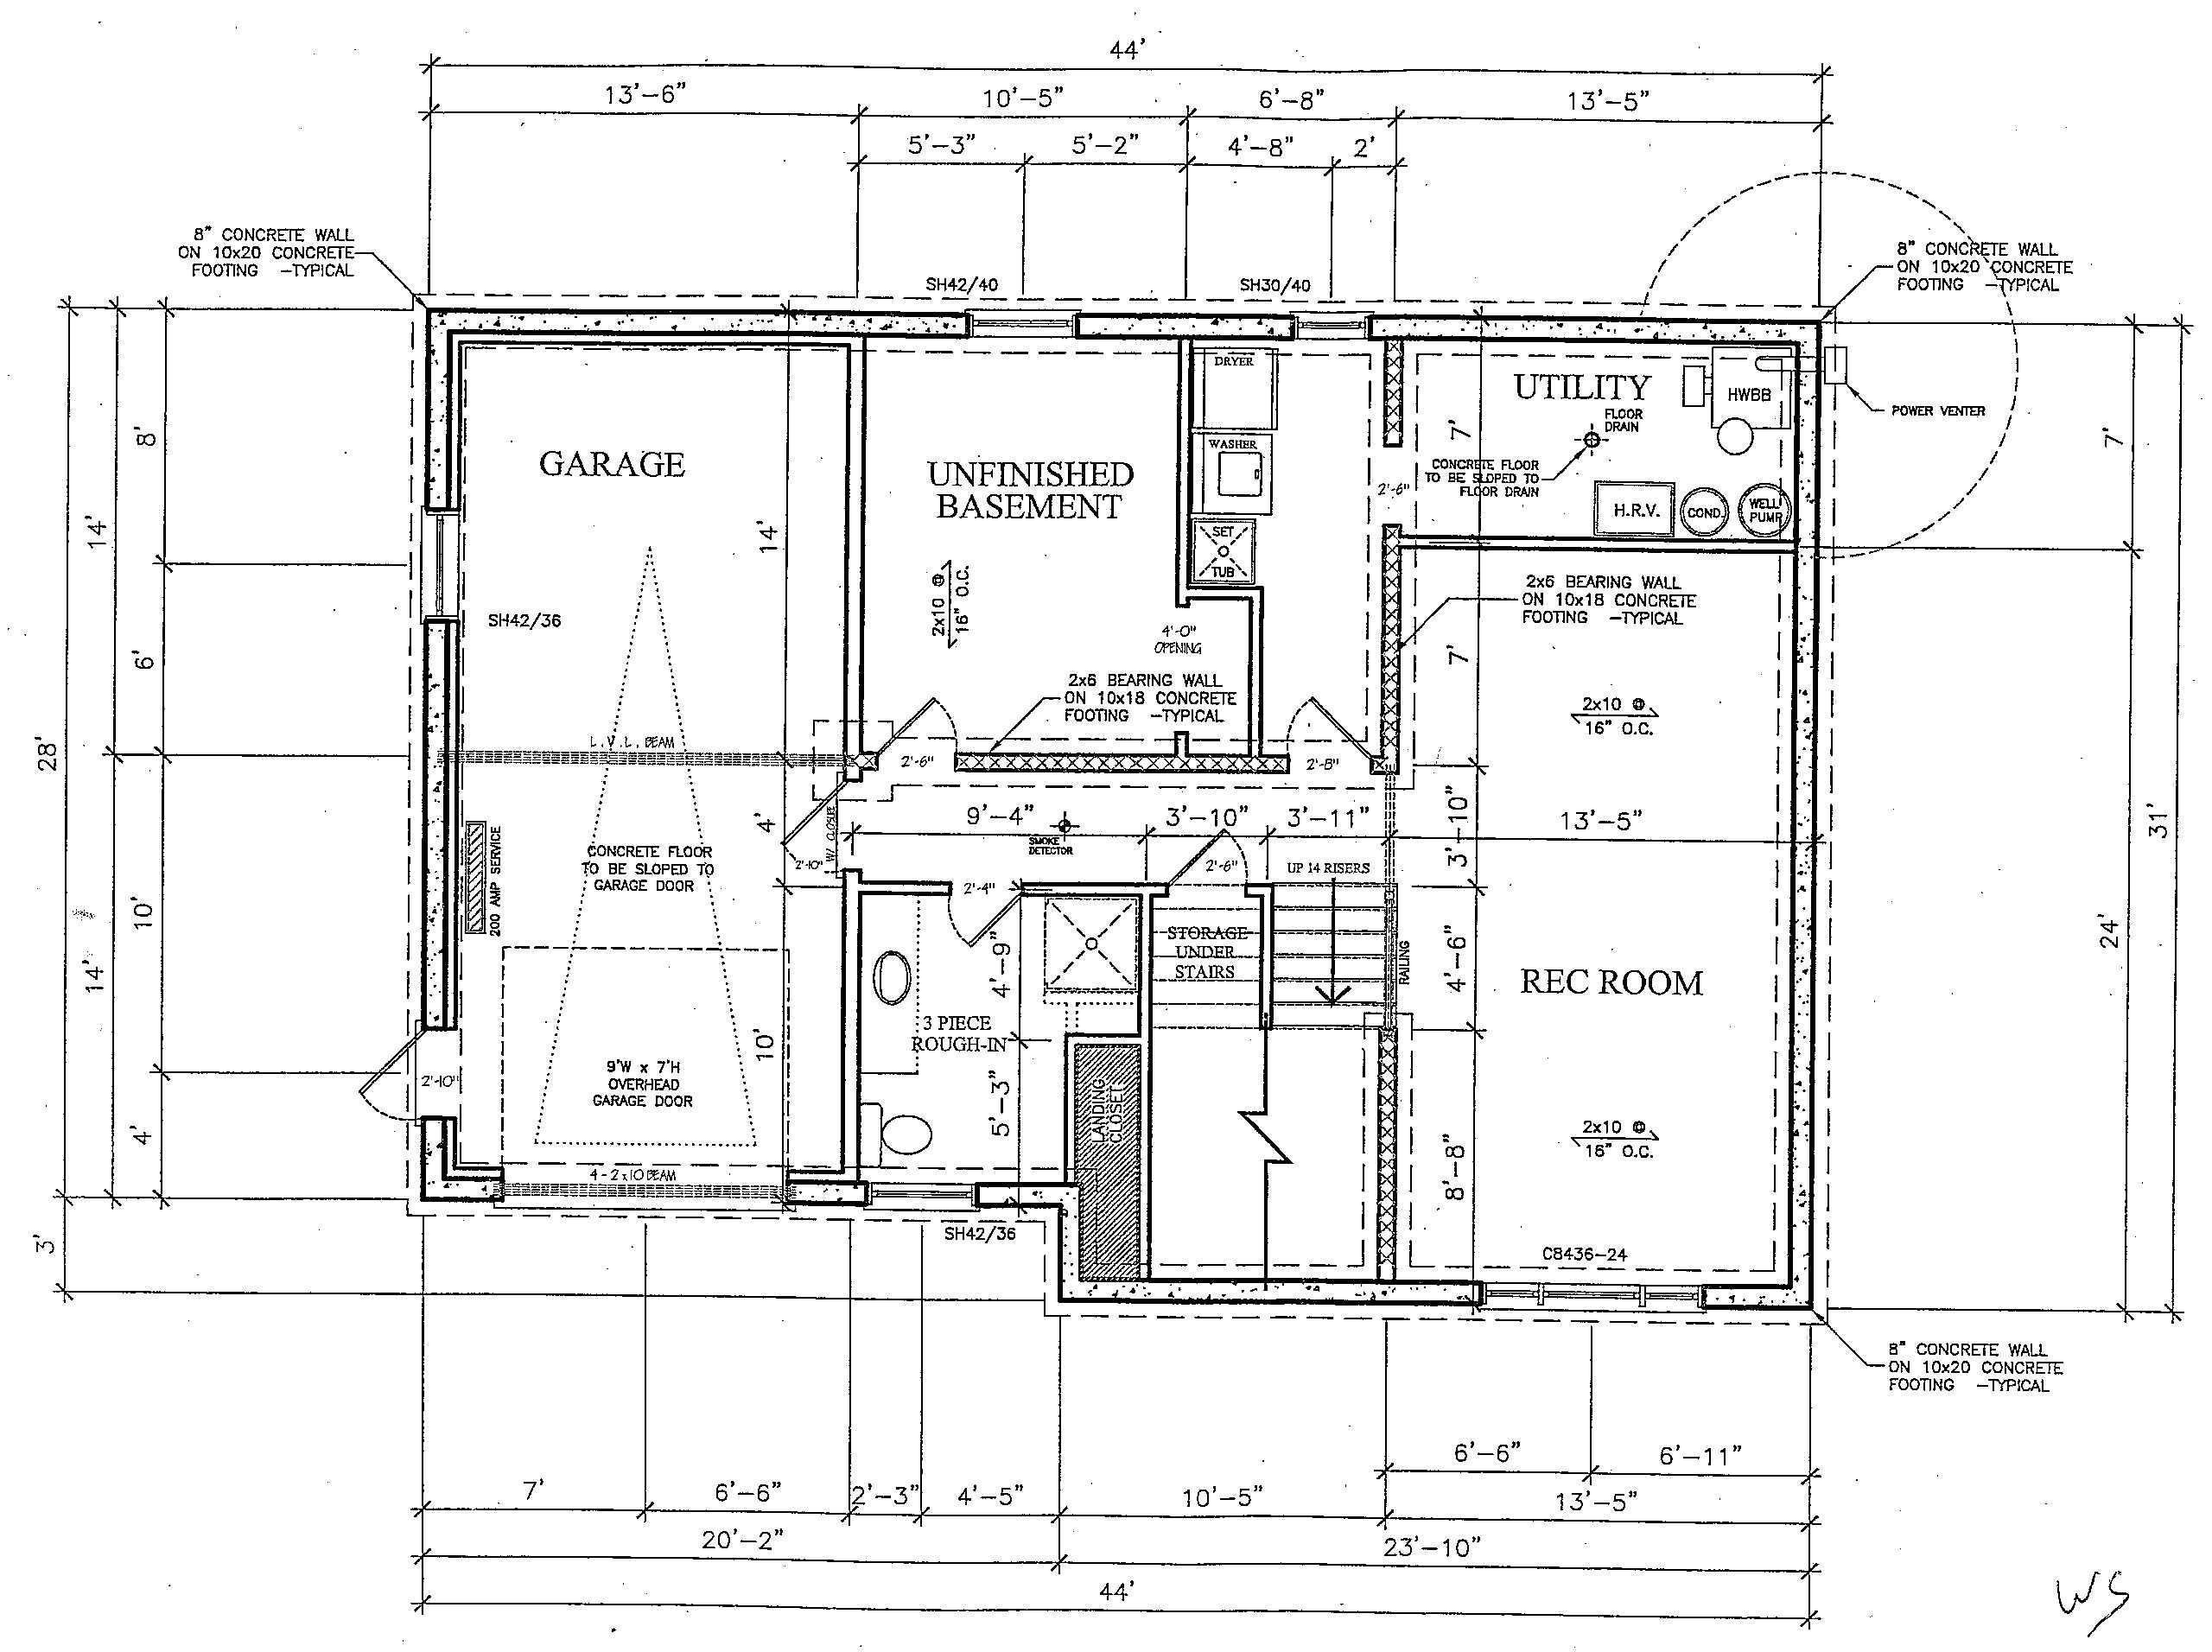 Basement Finishing Plans Layout Design Ideas Diy Home Plans Blueprints 49258